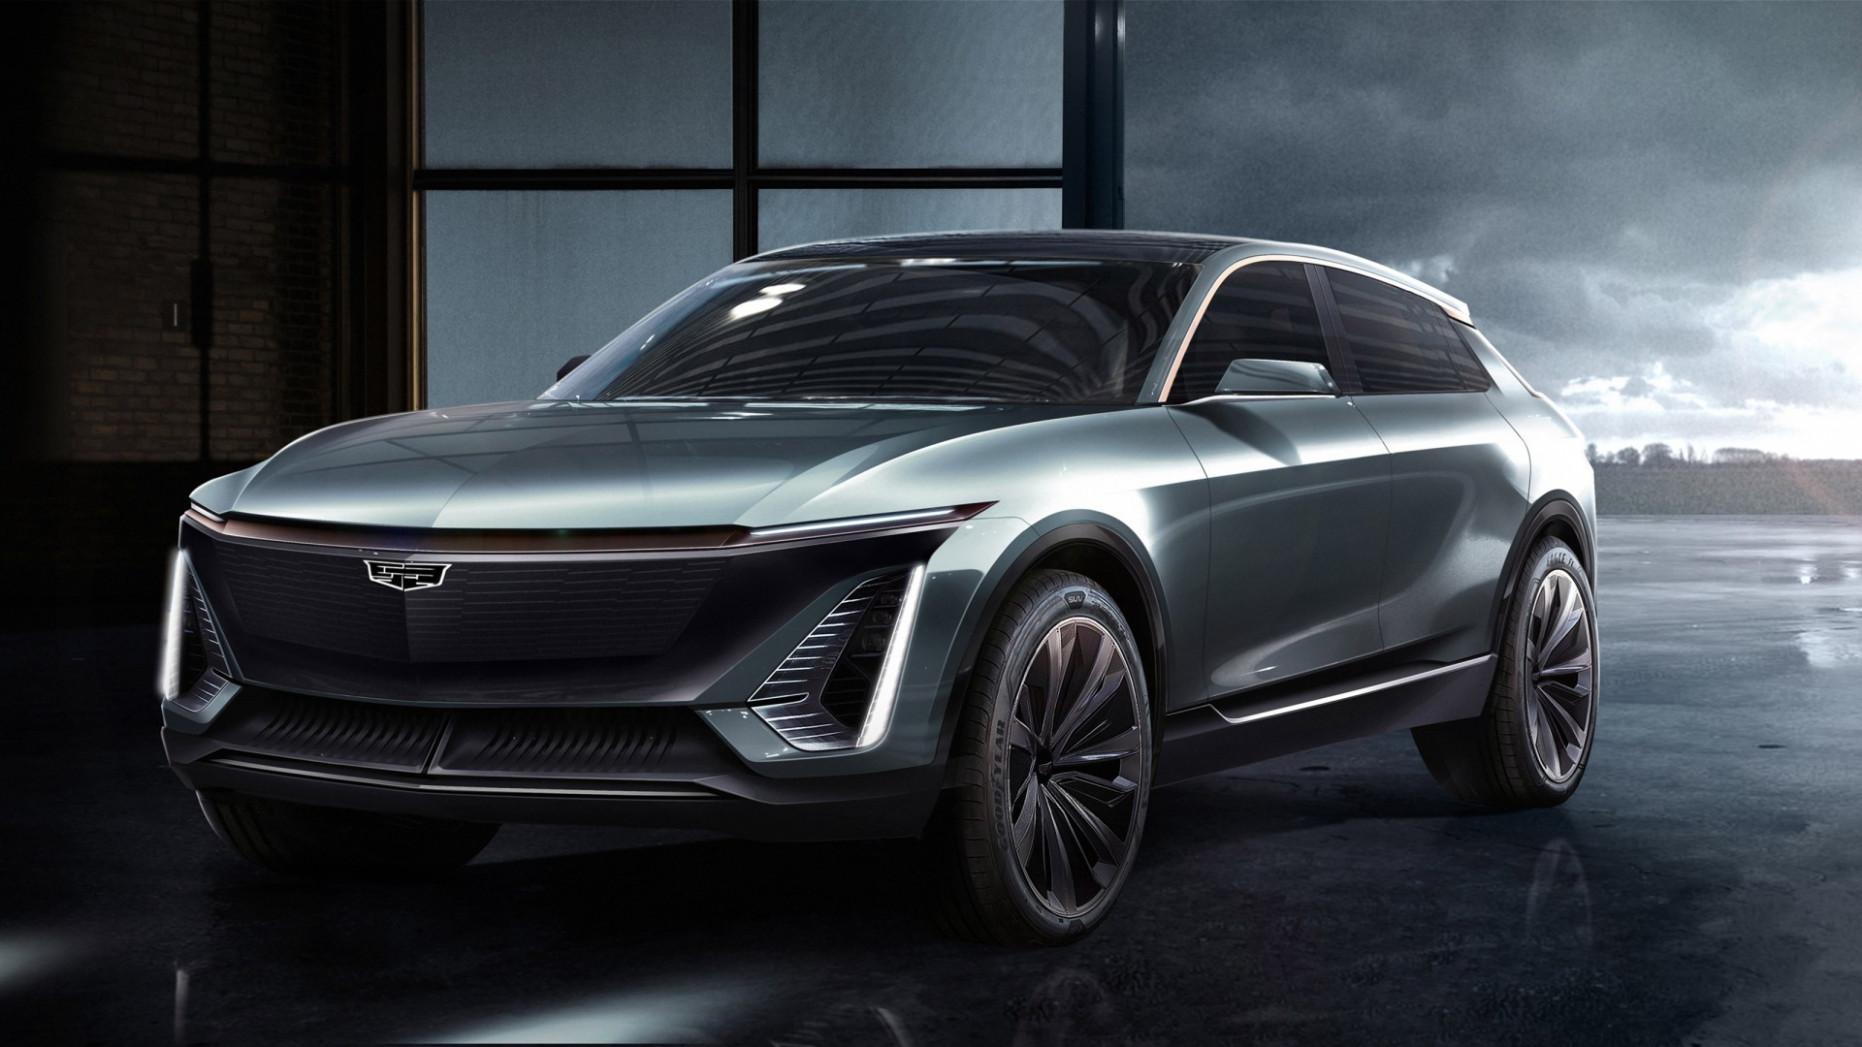 Wallpaper Cadillac V Series 2022